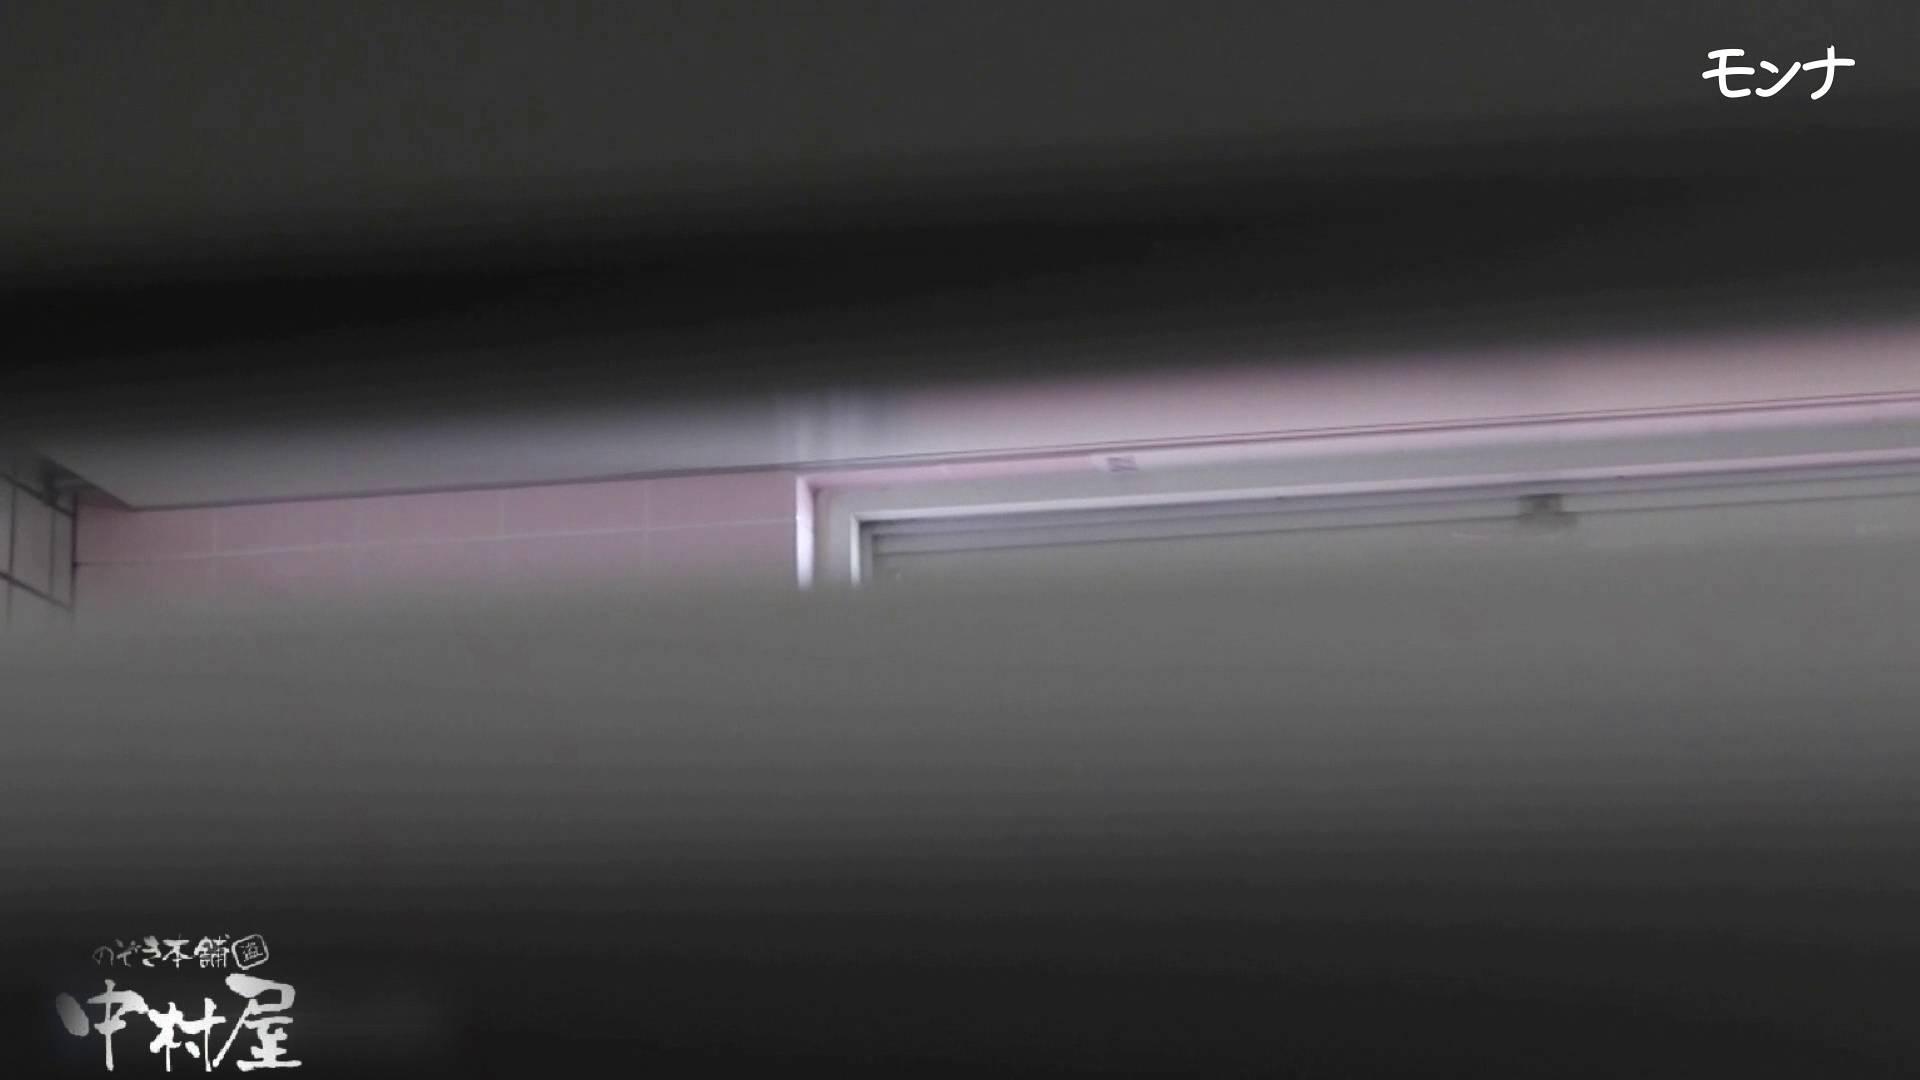 【美しい日本の未来】美しい日本の未来 No.73 自然なセクシーな仕草に感動中 盗撮師作品 スケベ動画紹介 89pic 57